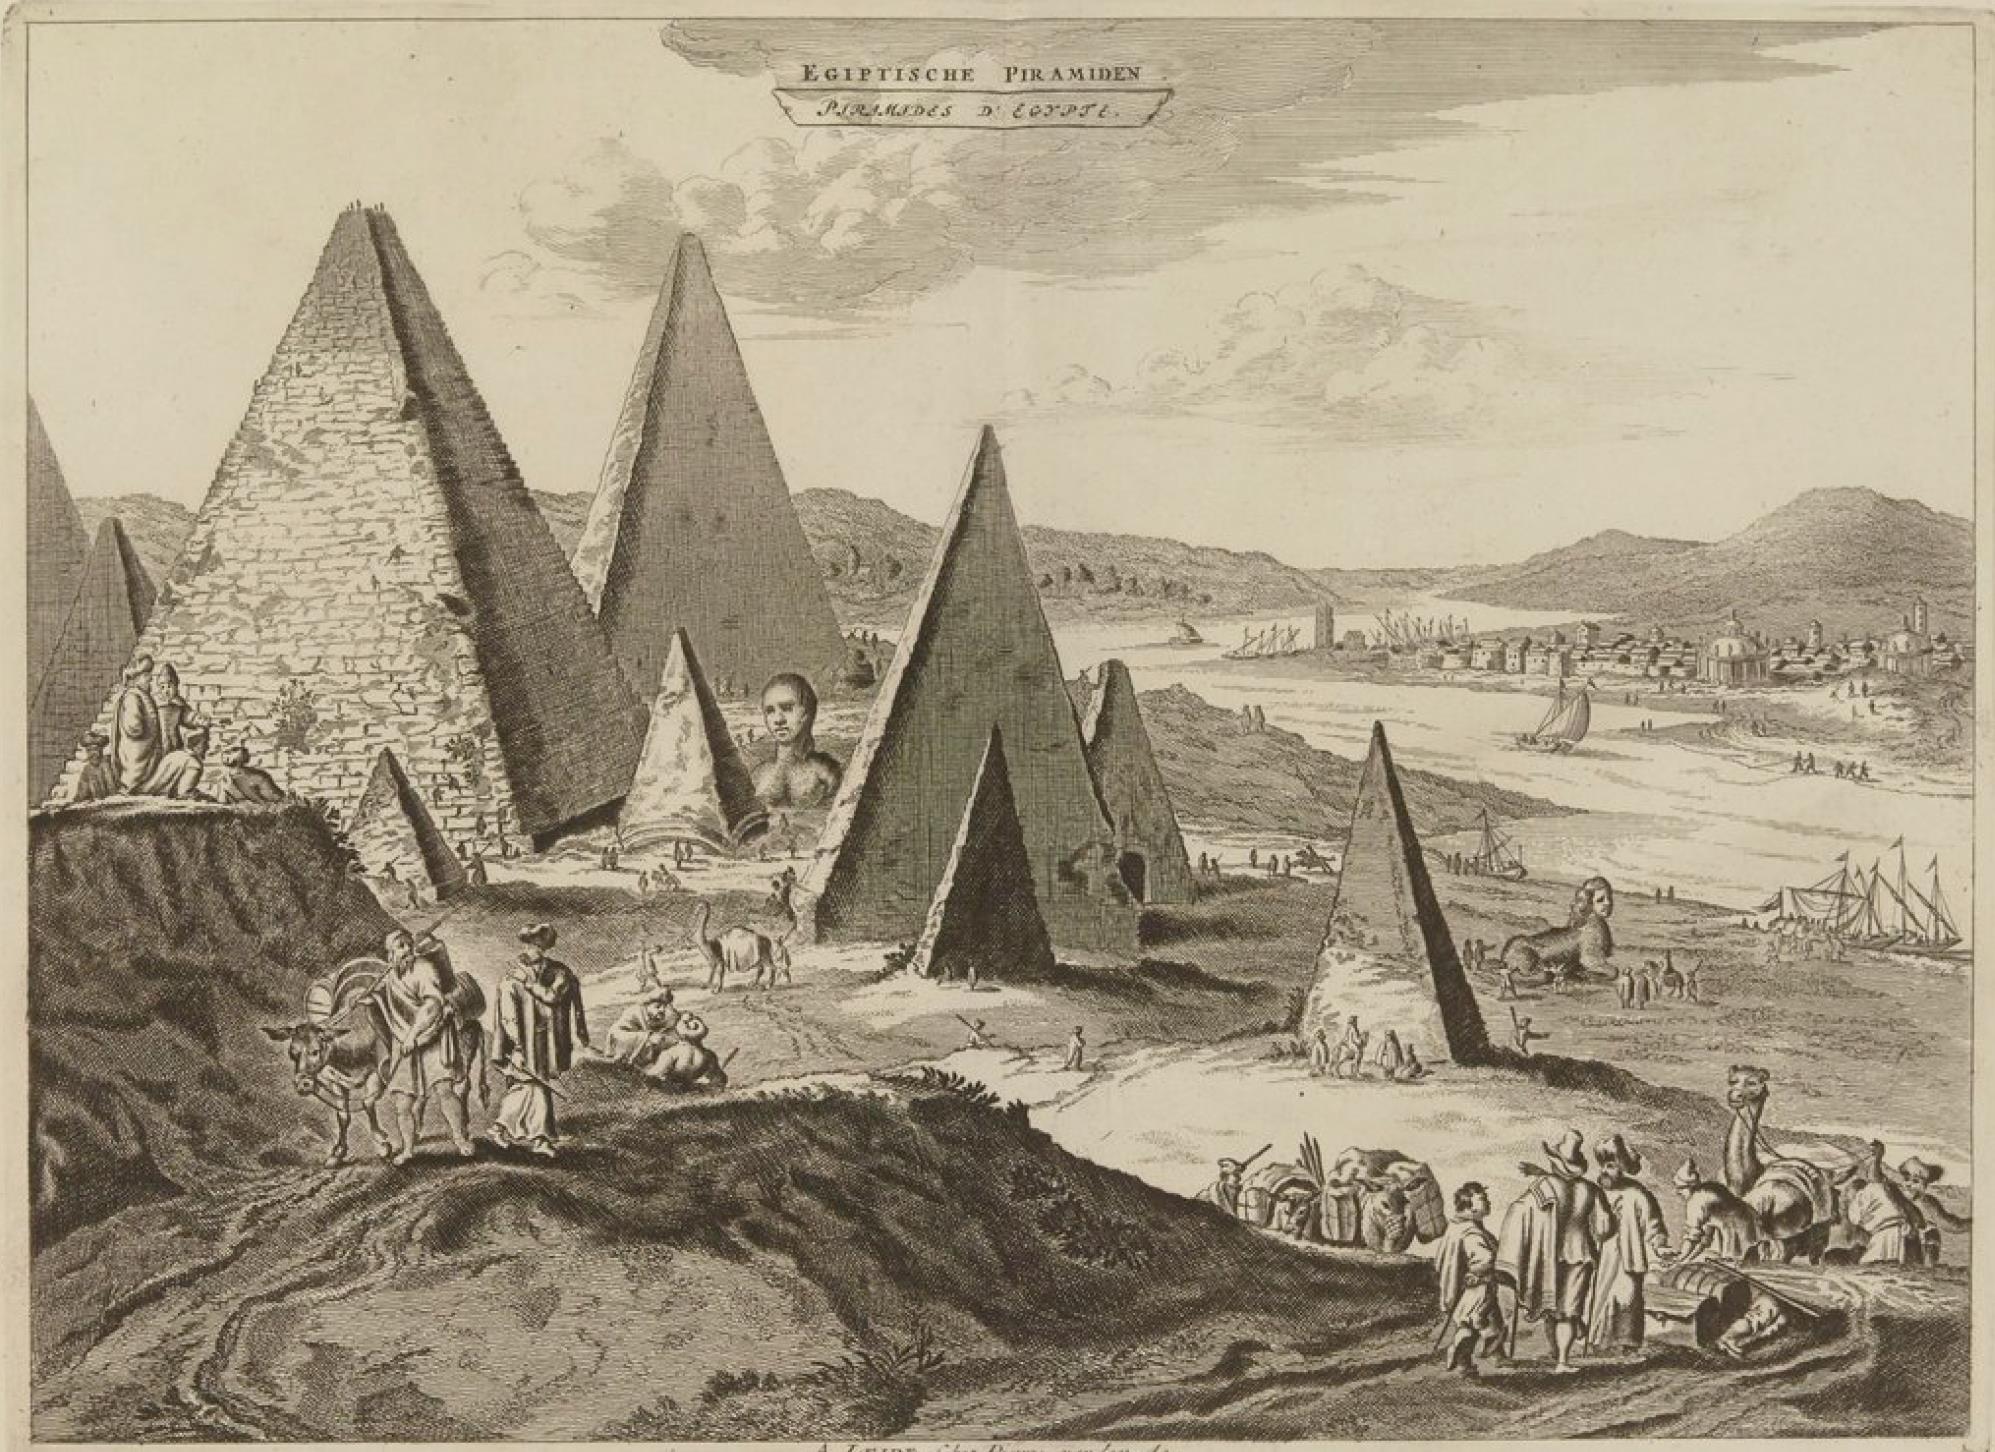 10. Египетские пирамиды